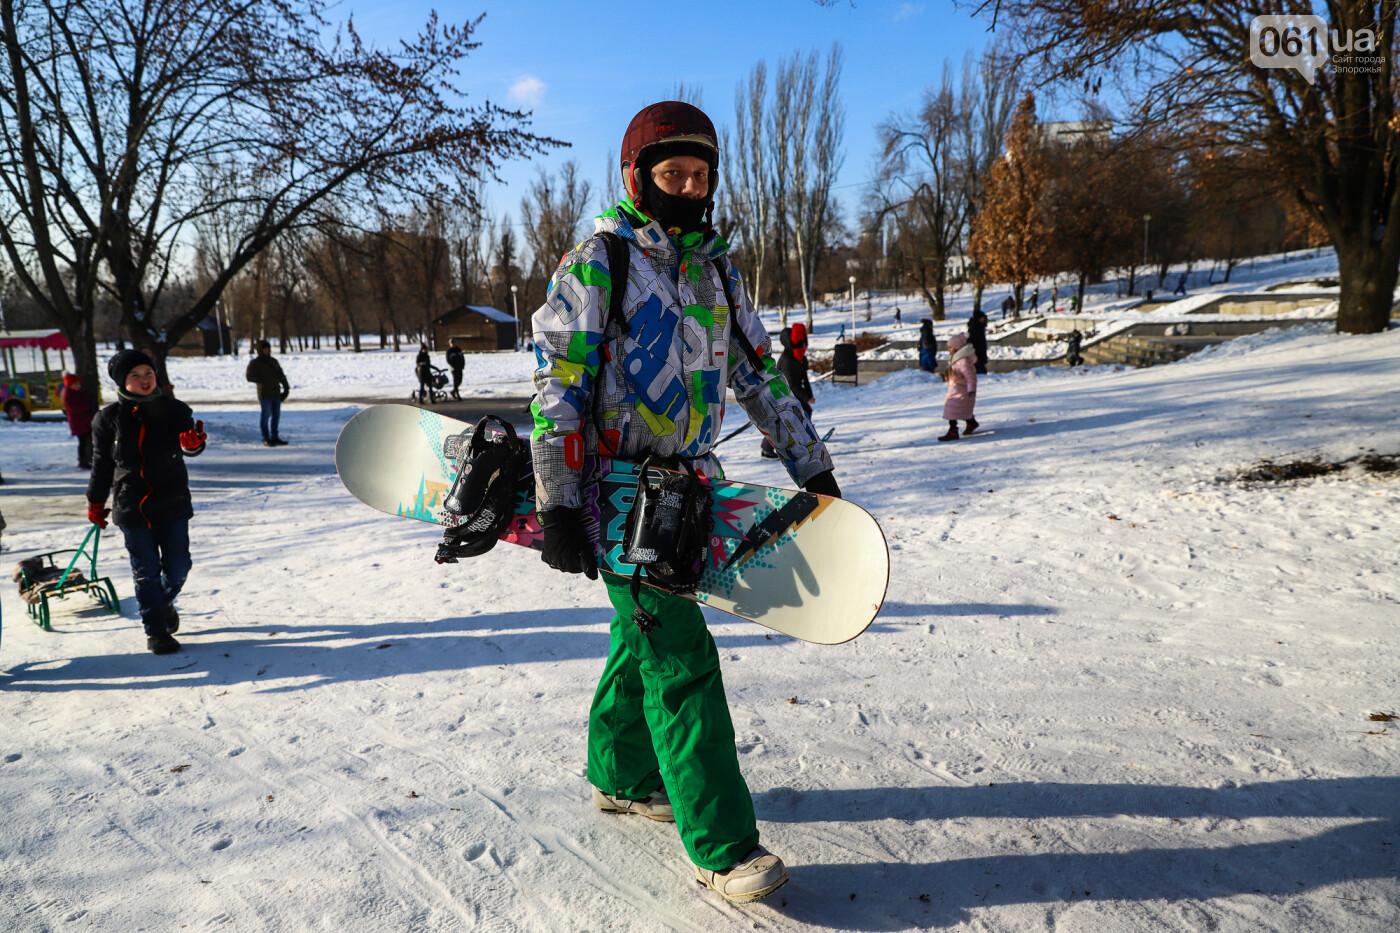 На санках, лыжах и сноуборде: запорожцы устроили массовое катание с горок в Вознесеновском парке, - ФОТОРЕПОРТАЖ, фото-29